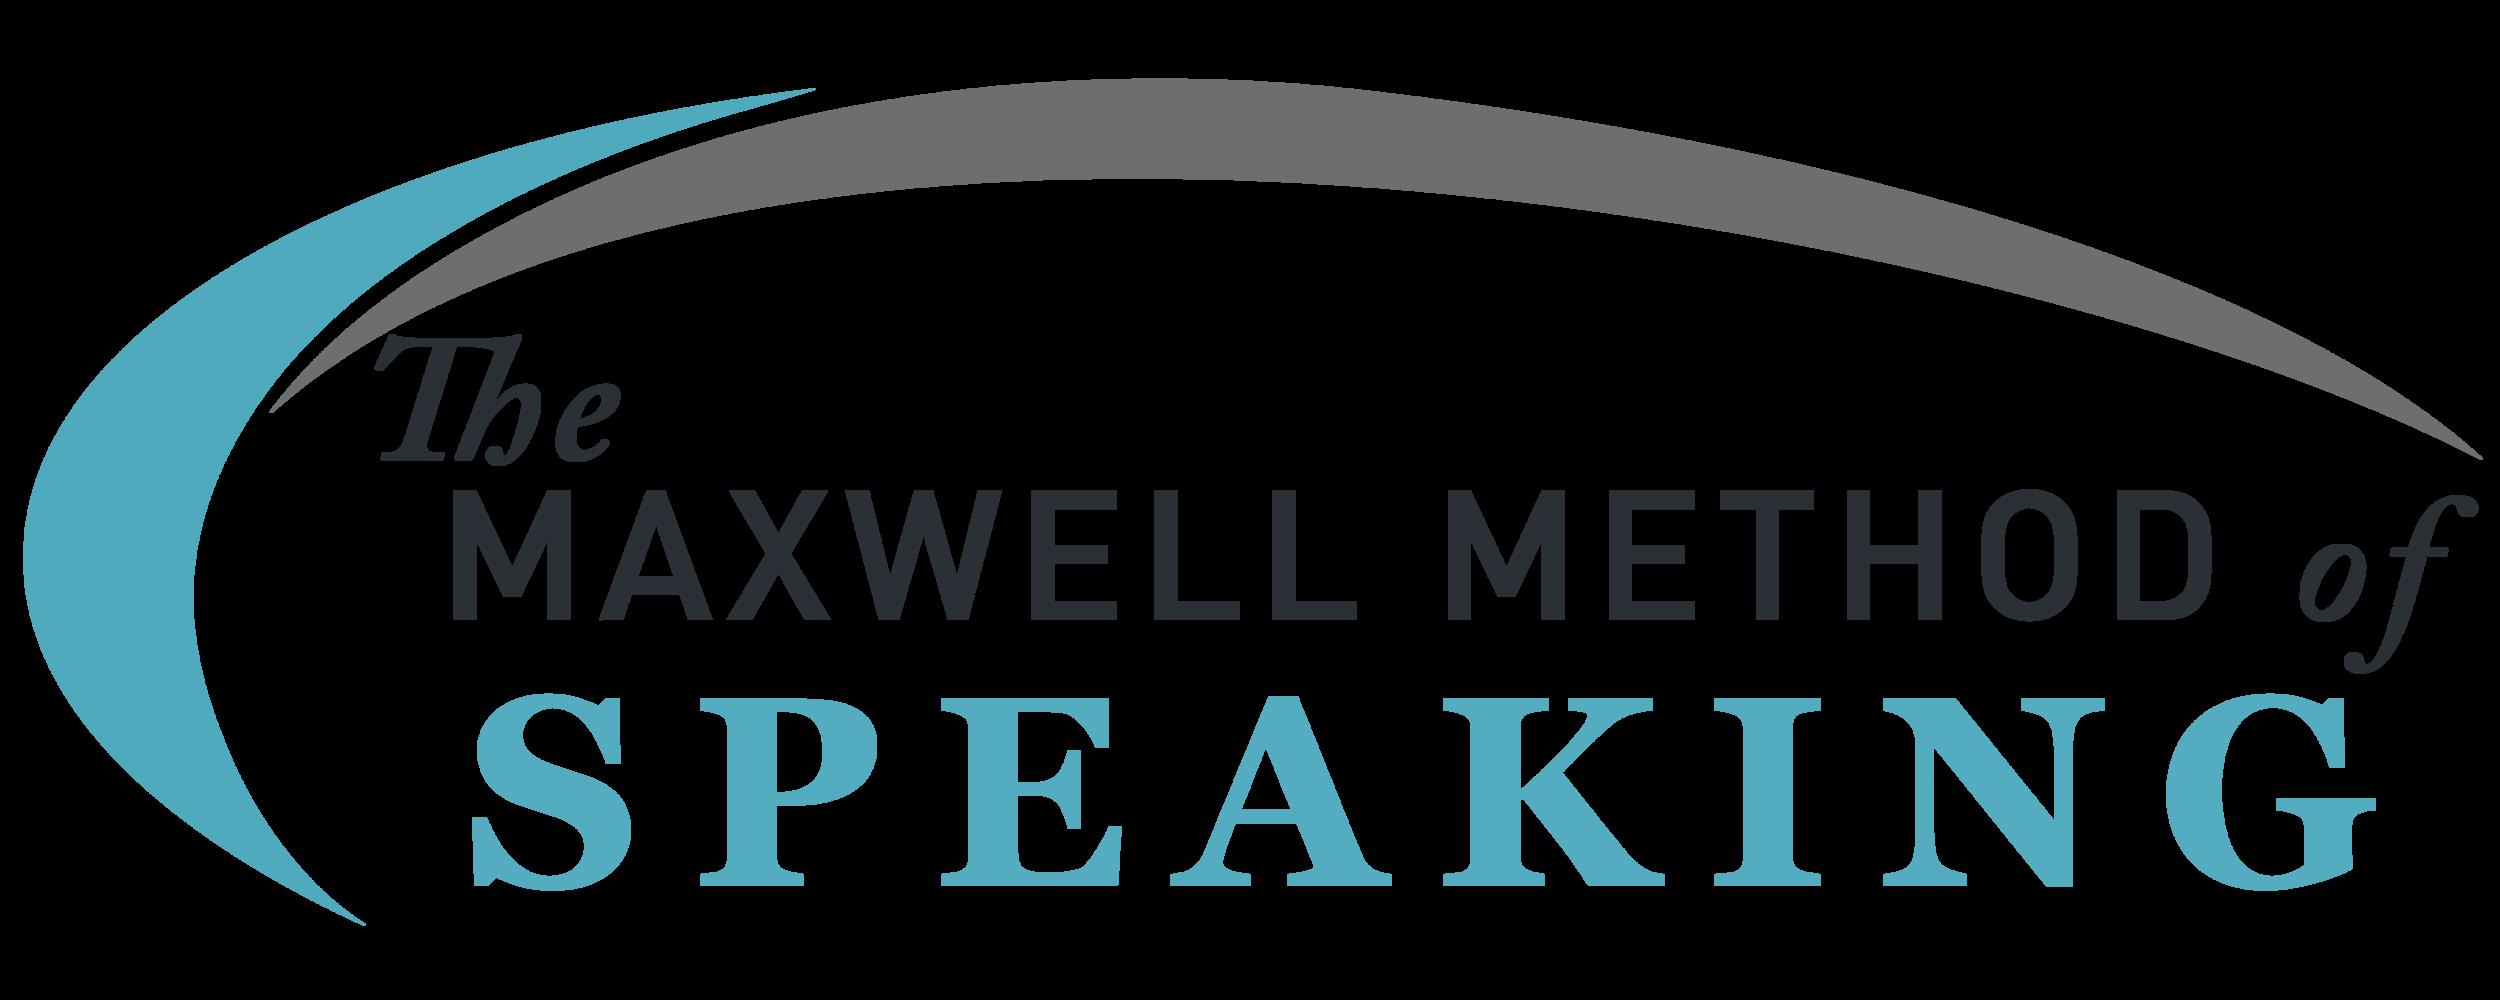 Maxwell-Method-Speaking.png